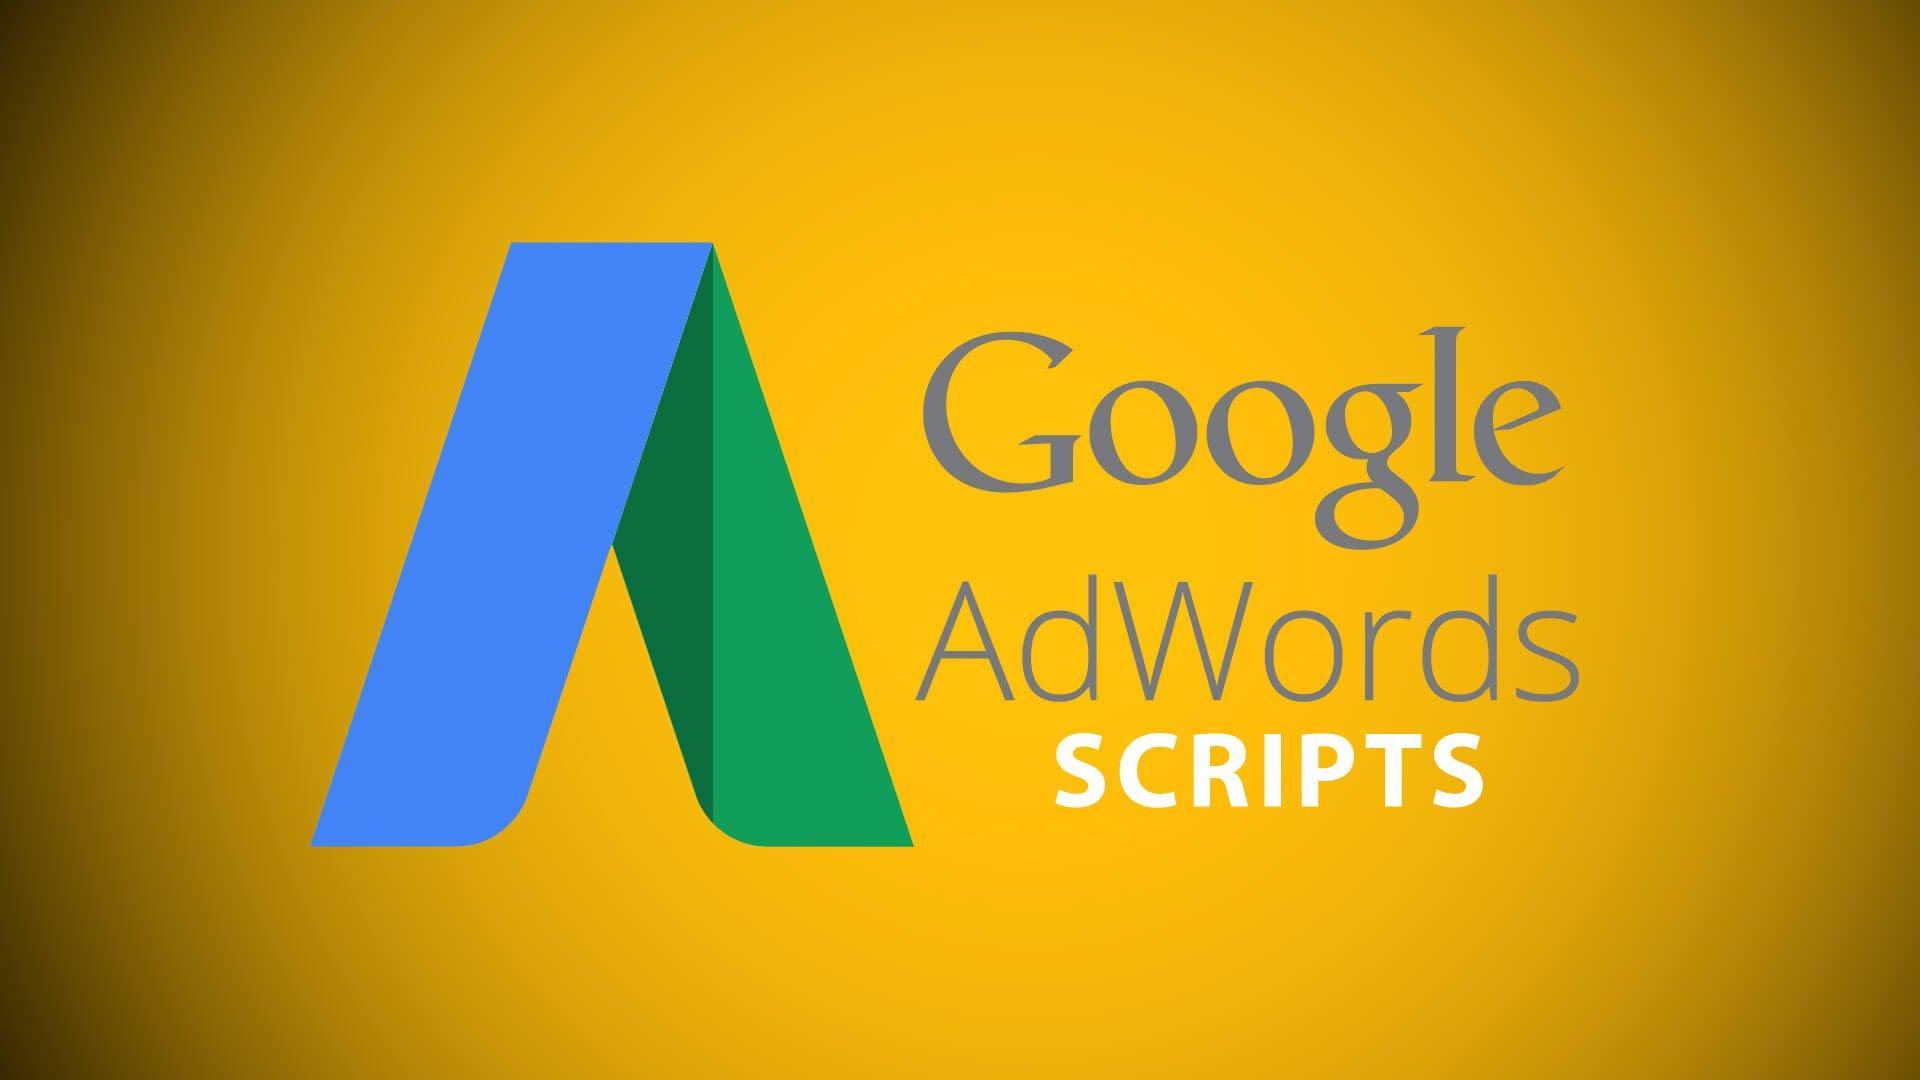 google adwords - (RU) Как настроить отправку уведомлений о состоянии бюджета аккаунтов Google Ads в Telegram и на почту